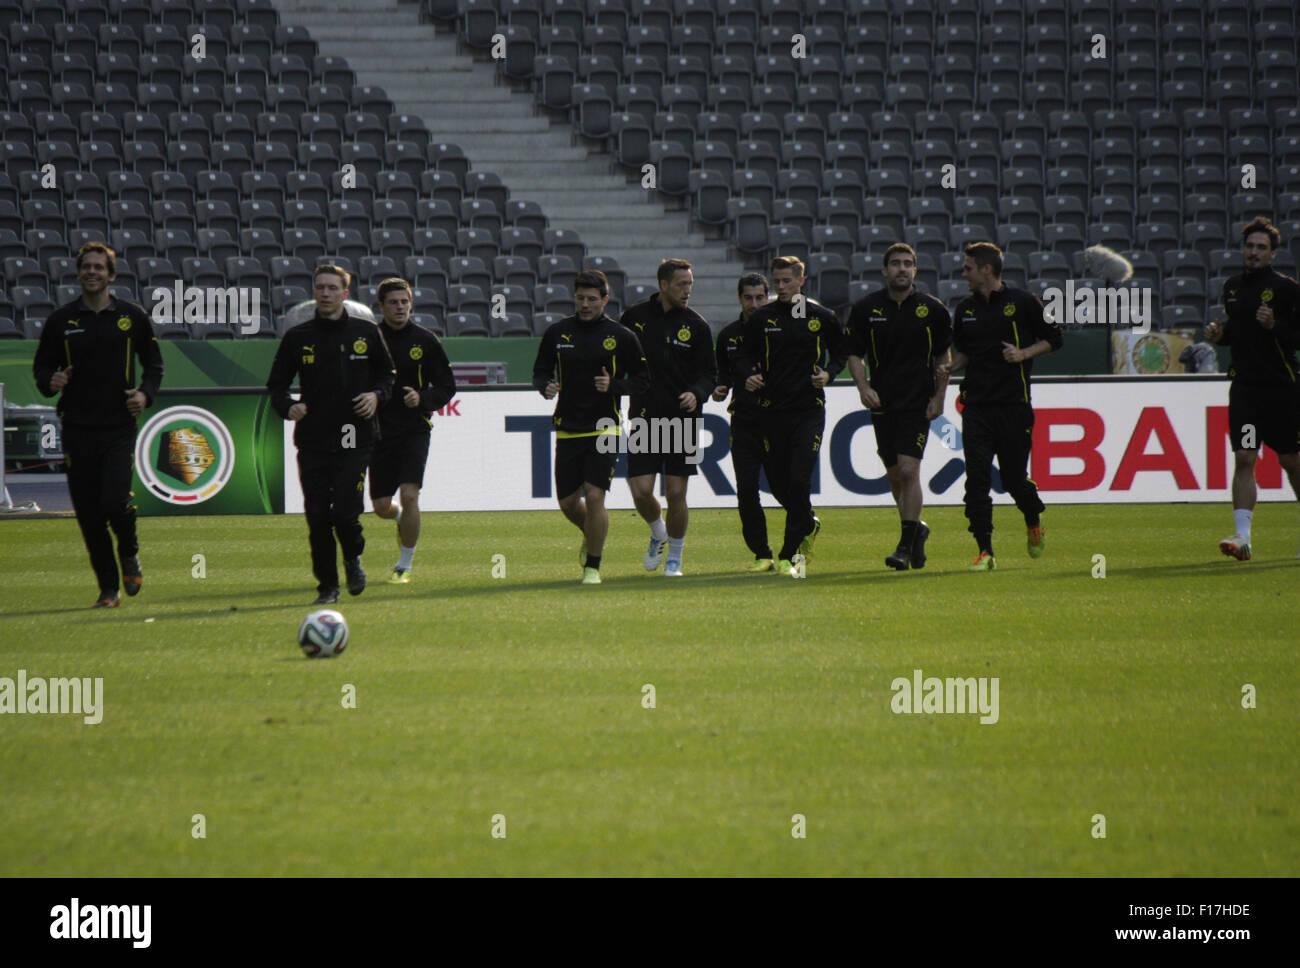 Impressionen - Training von Borussia Dortmund vor dem anstehenden Finale um den DFB-Pokal zwischen Borussia Dortmund - Stock Image